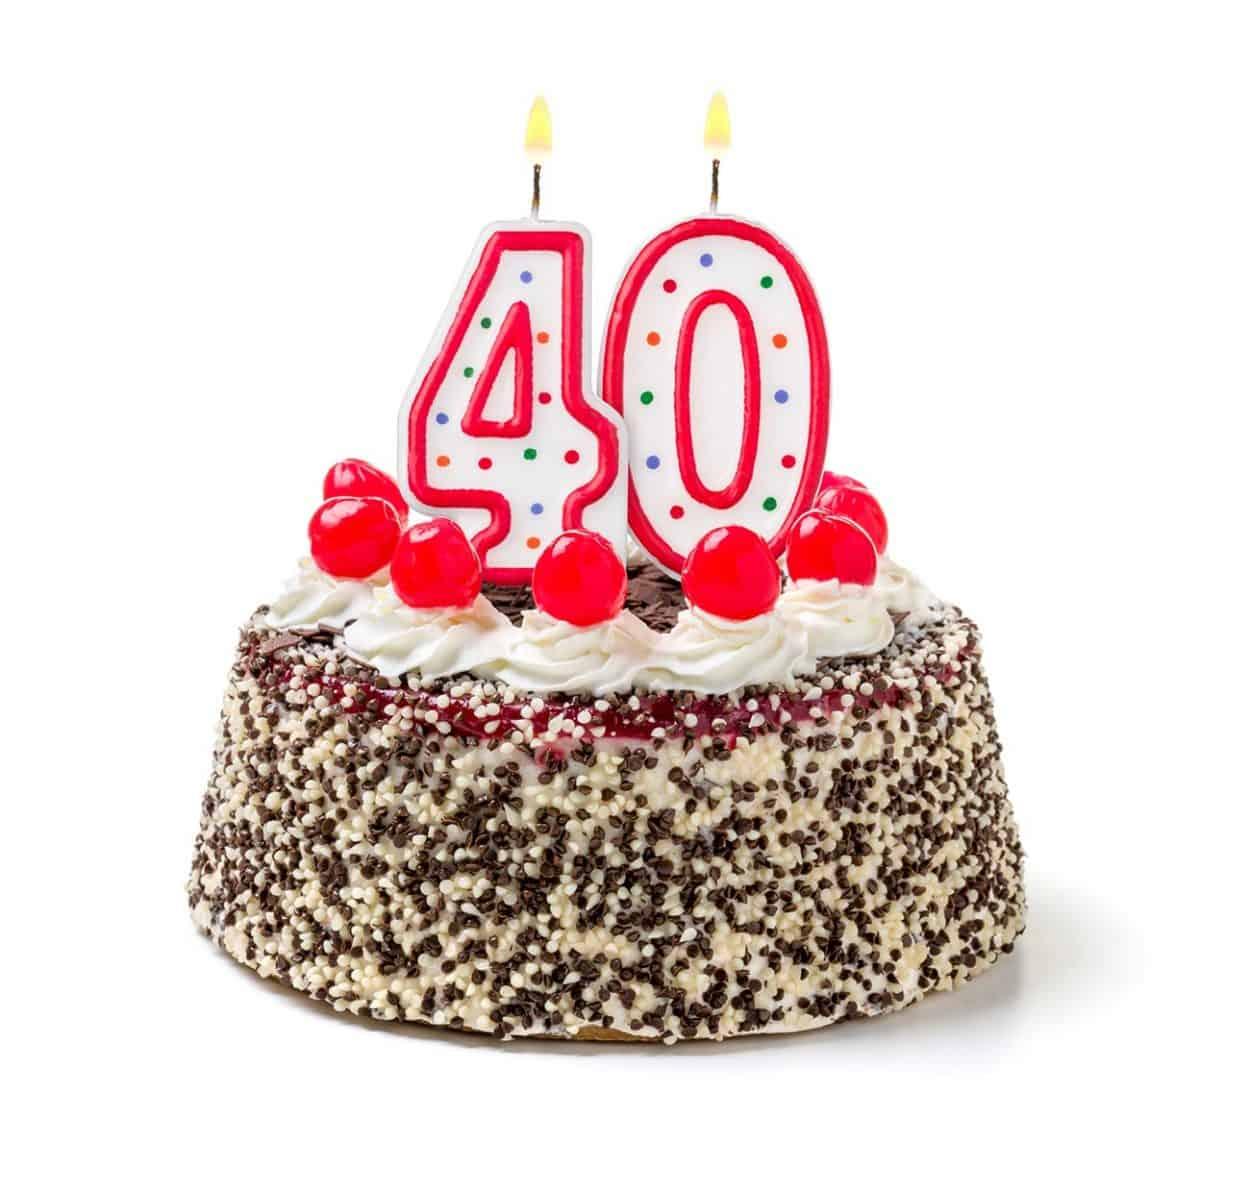 отмечают ли 40 летие женщине